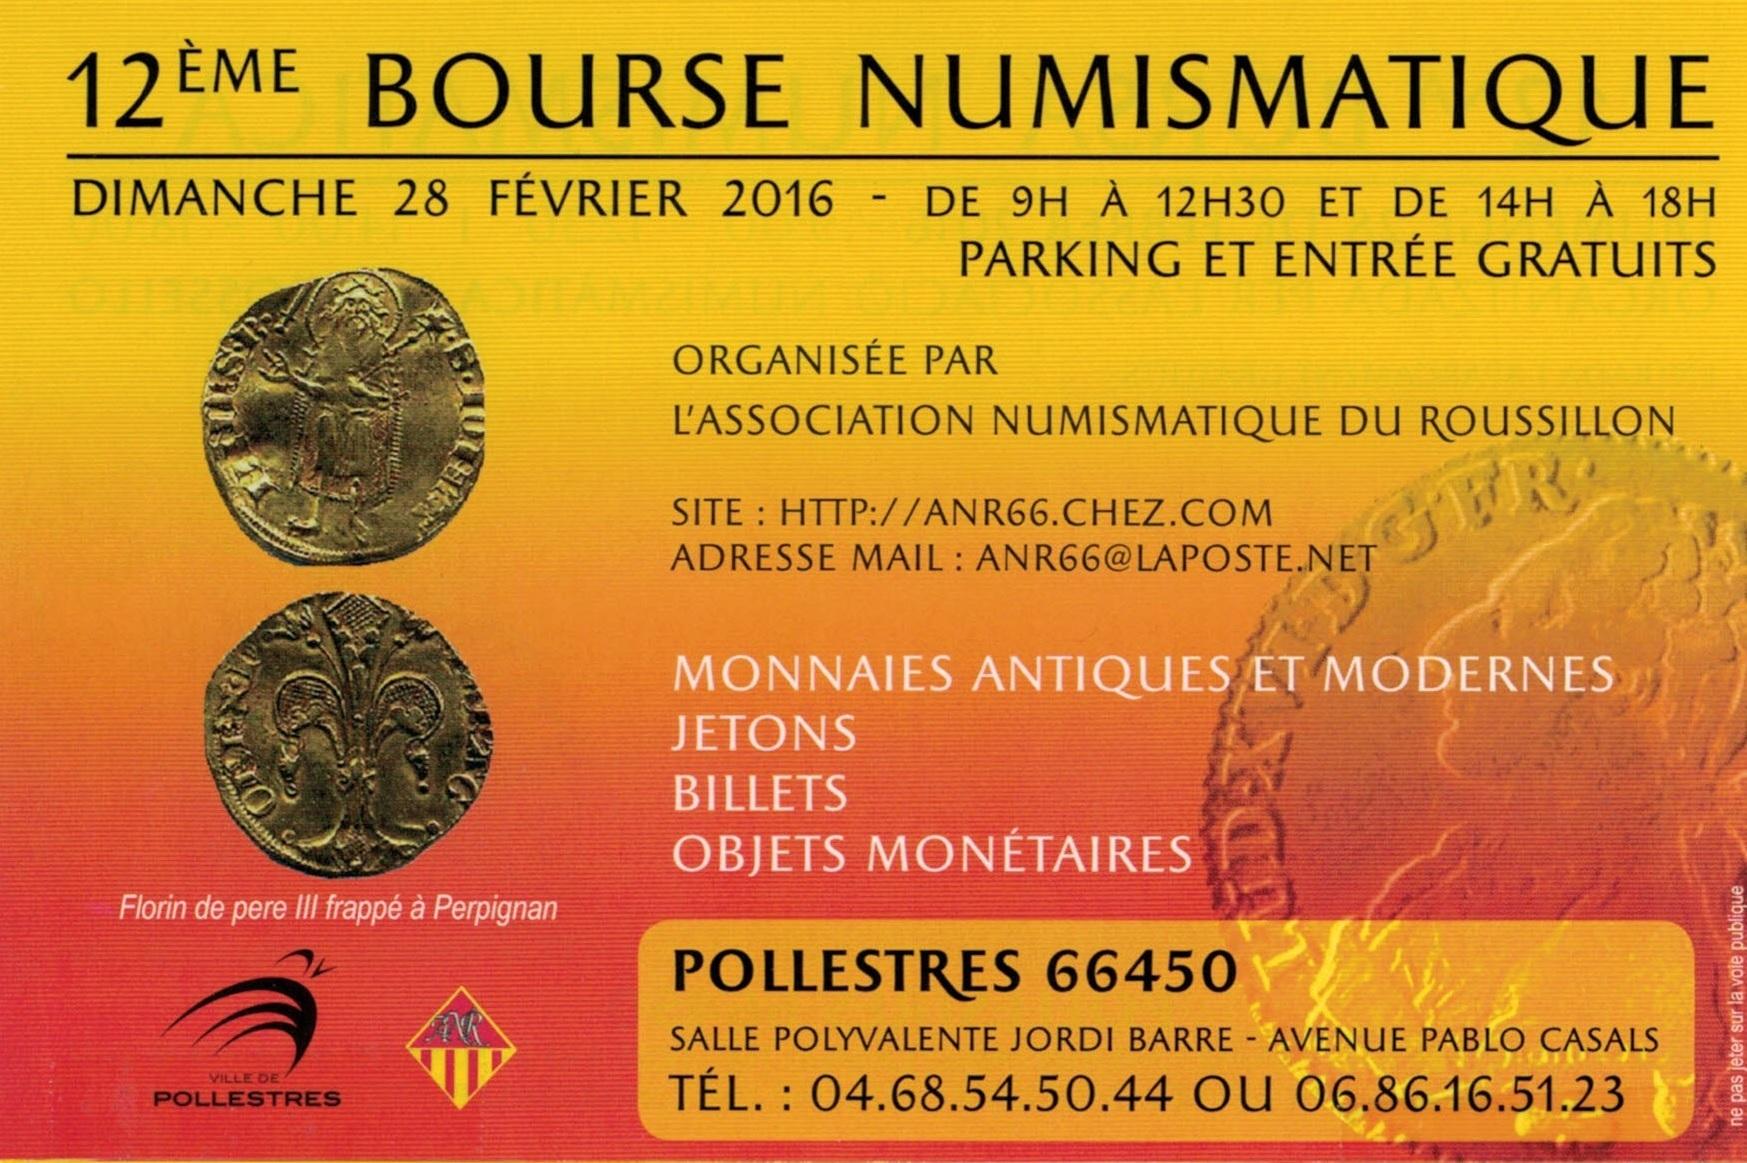 12ème Bourse Numismatique - 28 février 2016 - Pollestres (66)